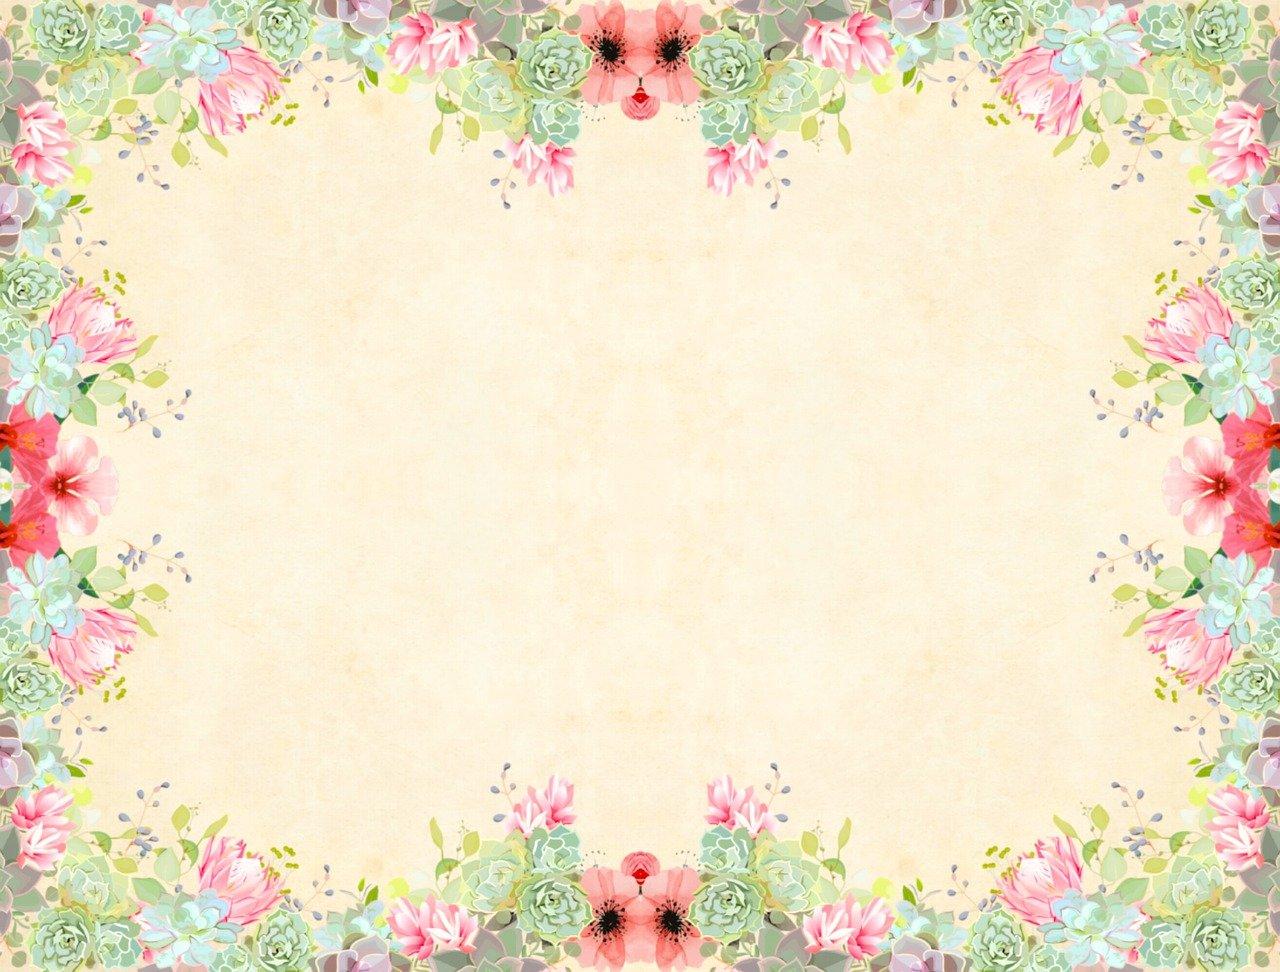 Flower Background Floral Free Image On Pixabay